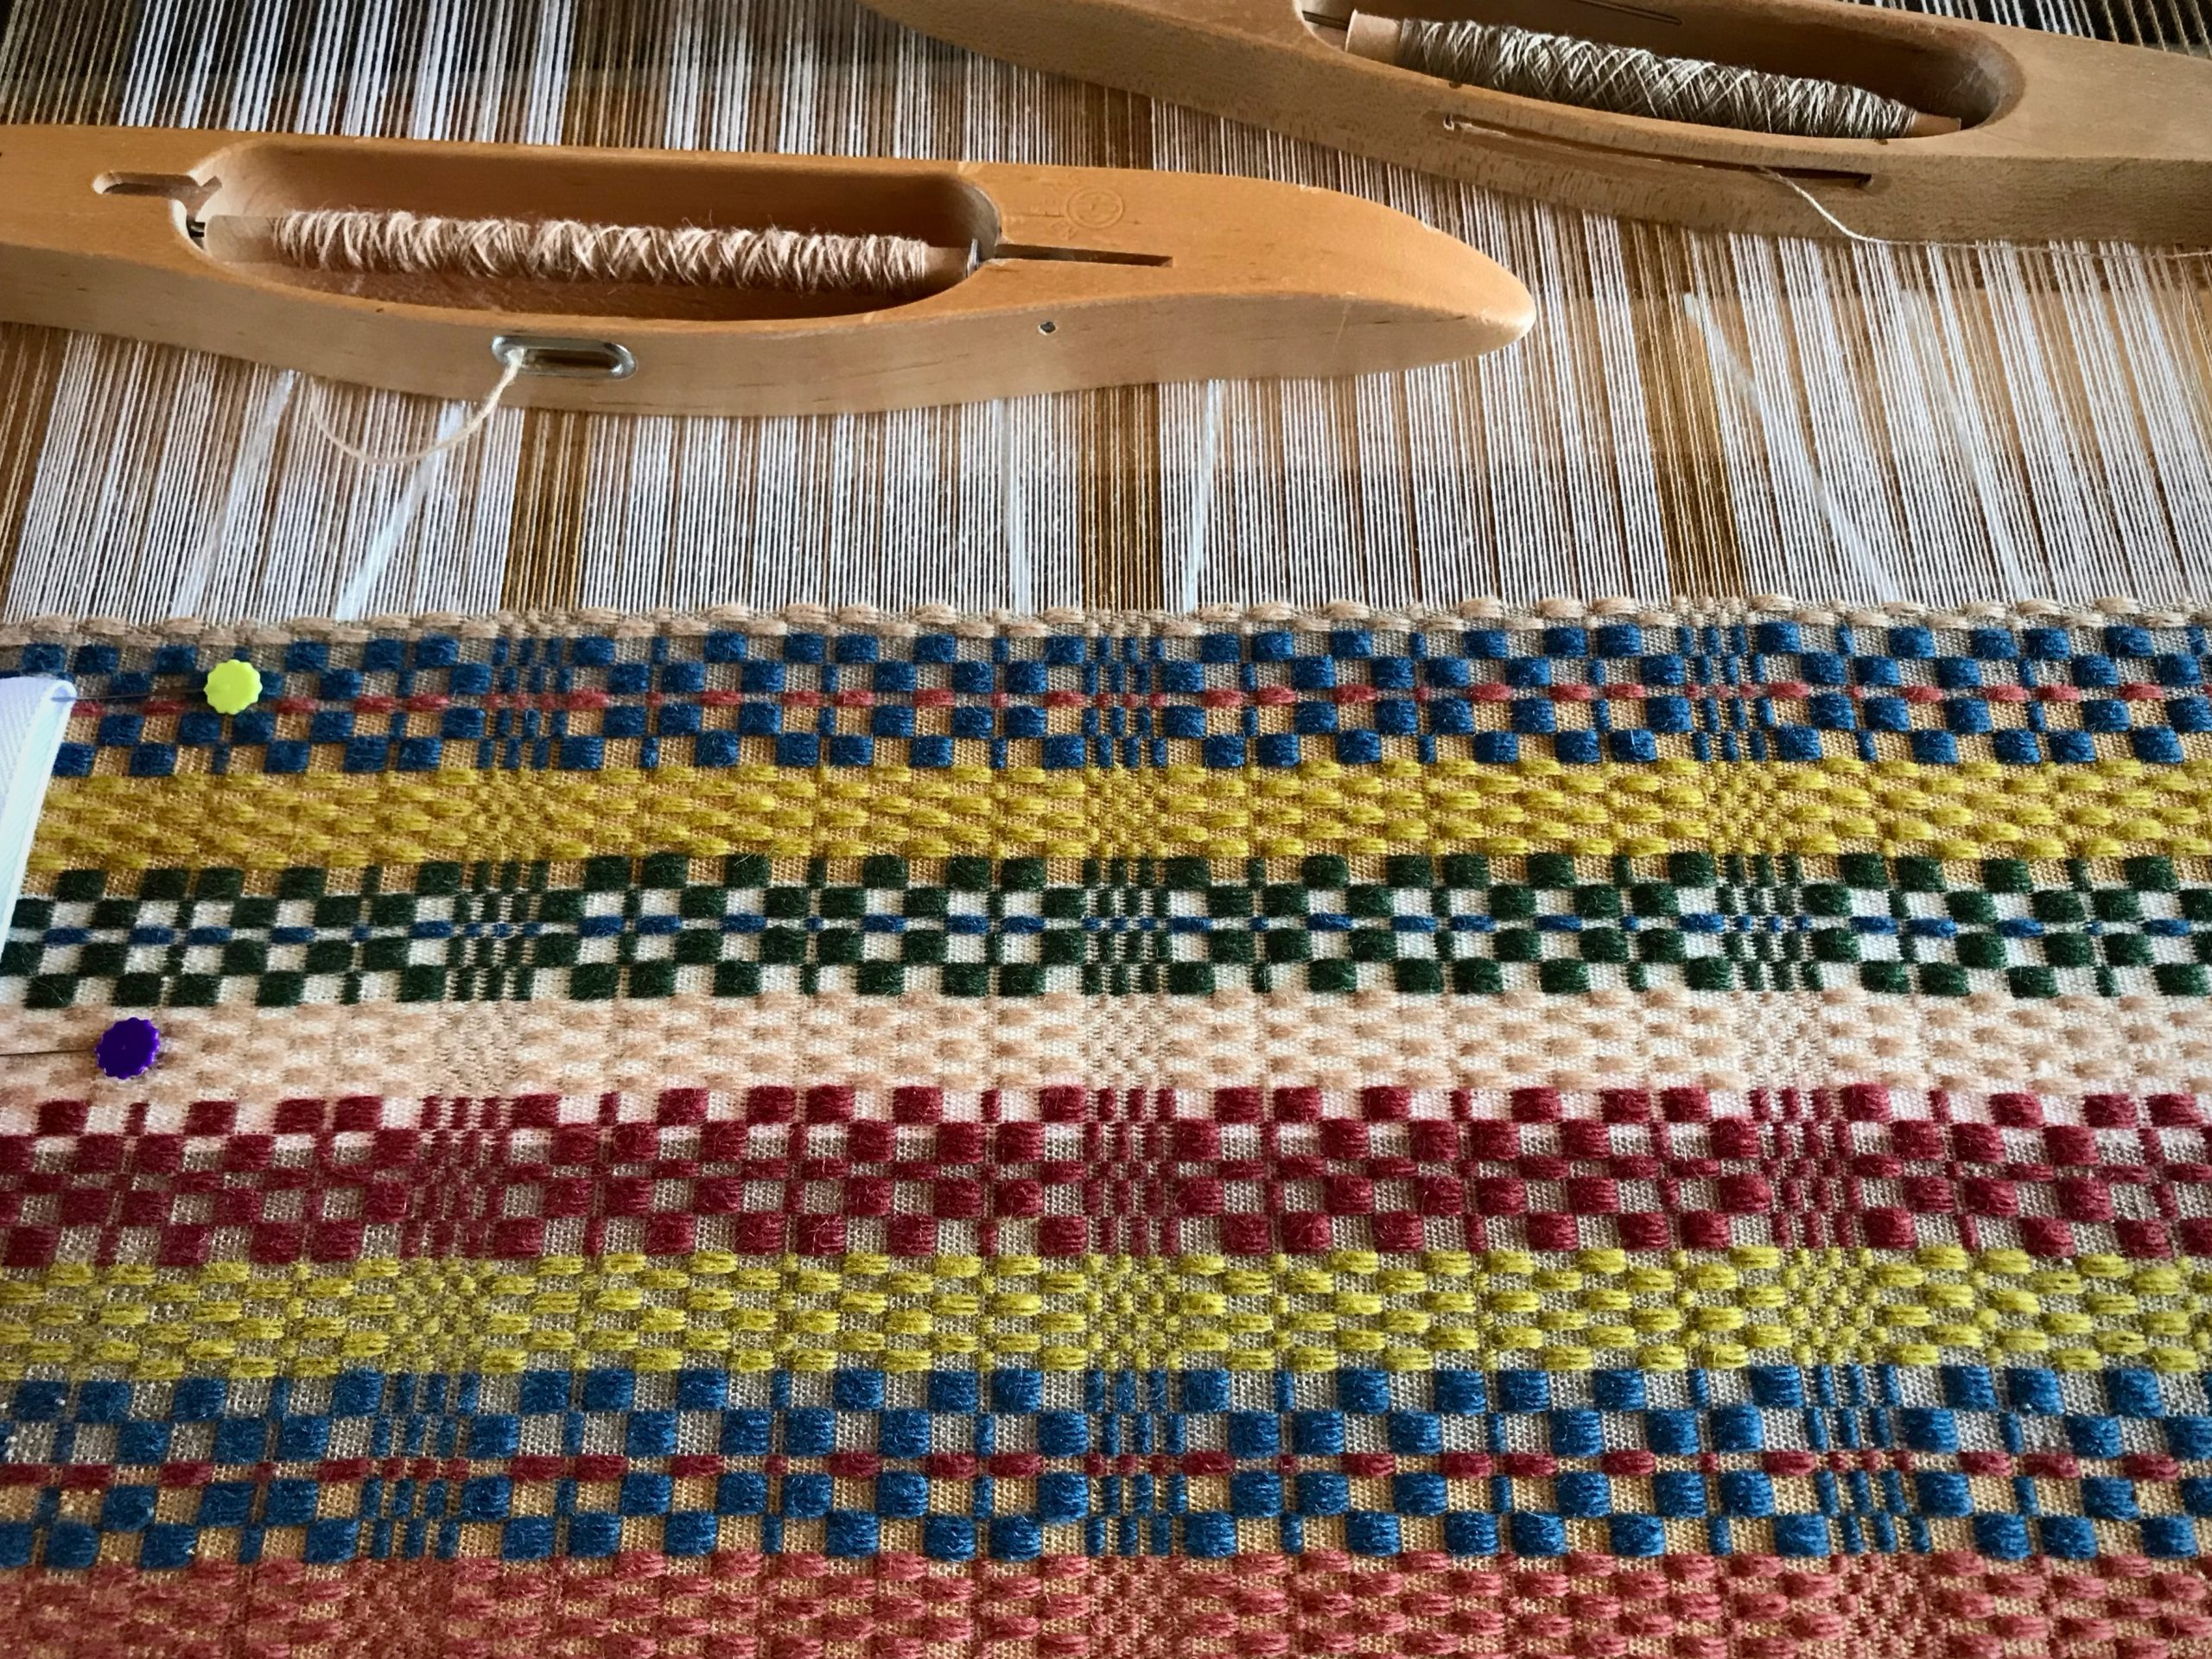 Weaving Swedish monksbelt is fun!